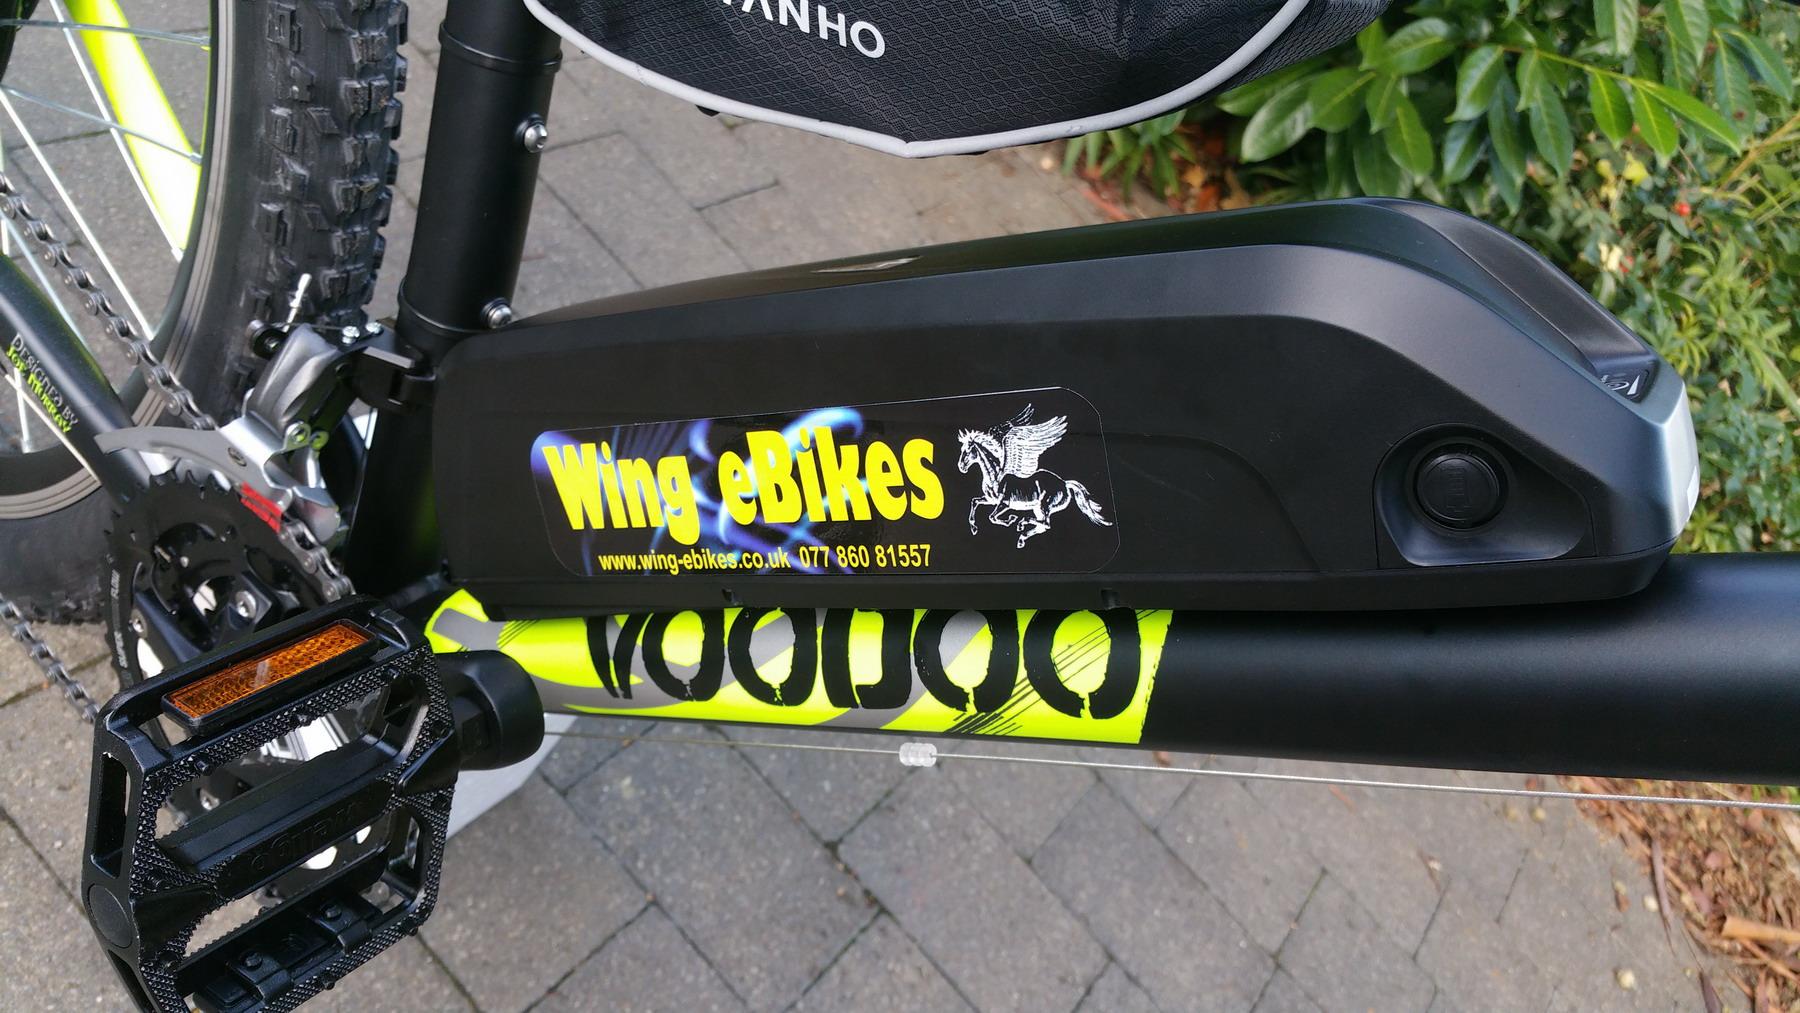 Electric Bikes For Sale >> Wing Voodoo Bantu 2017 1000w 2000w* 48v eBike | WiNg eBikes